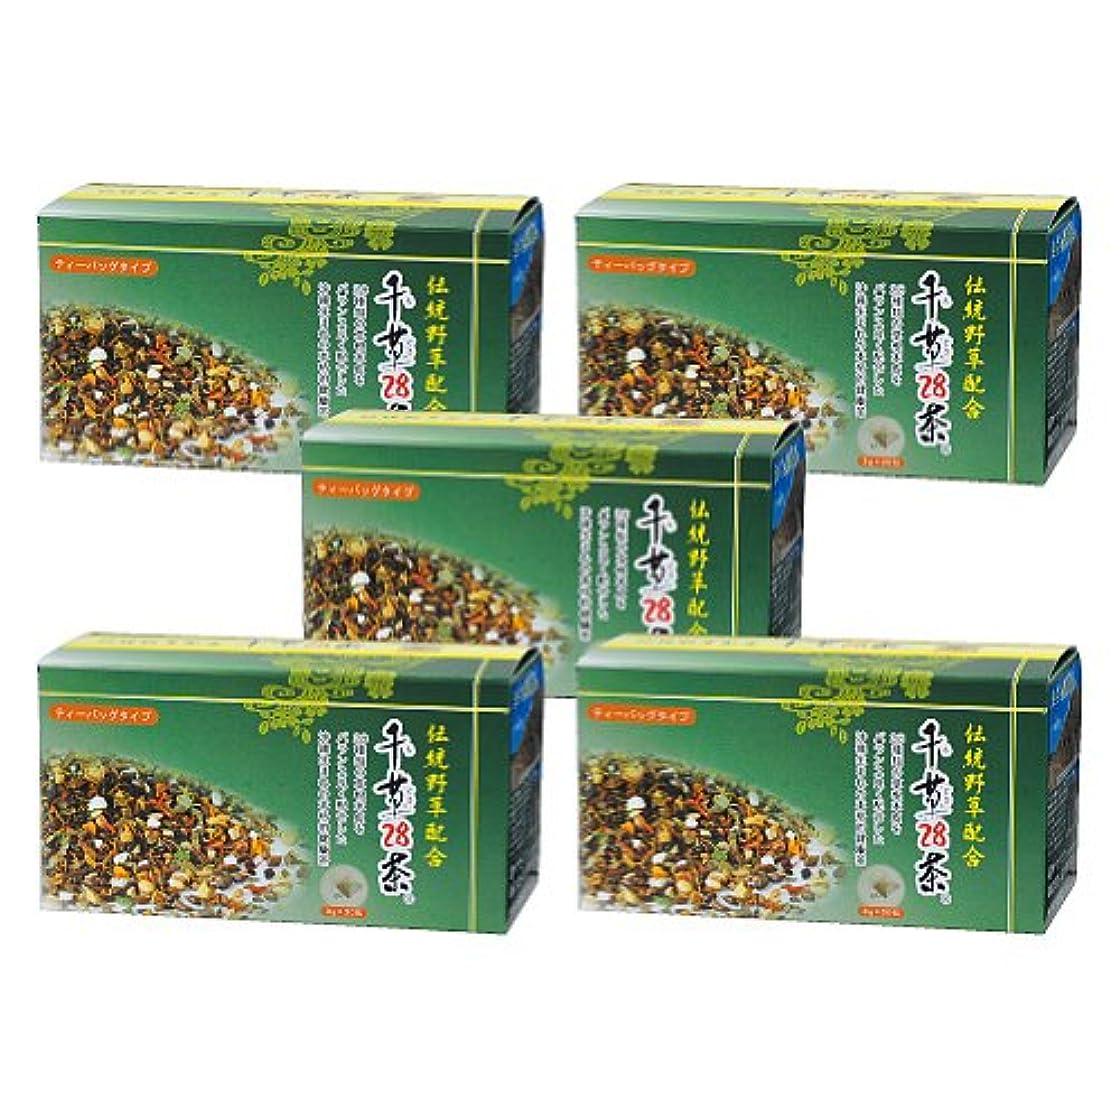 装置フレット準備する千草28茶 ティーバッグタイプ 30包×5個